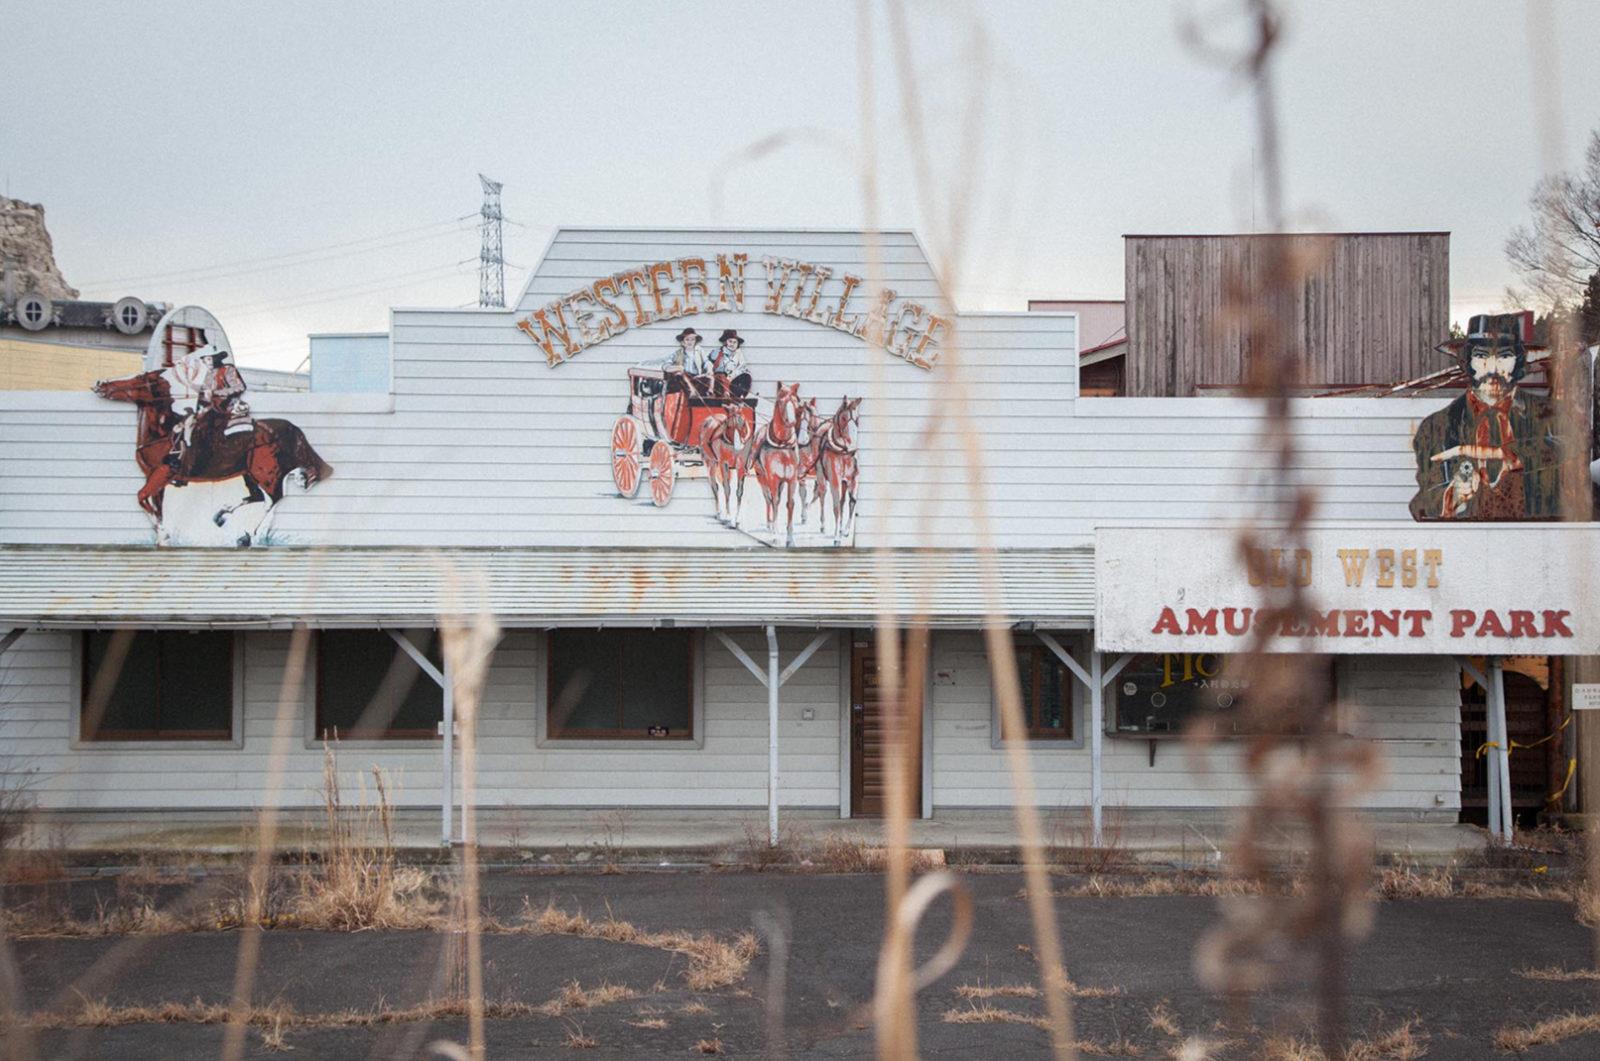 western village japon urbex parc - L'univers Westworld condensé dans un parc à thème abandonné